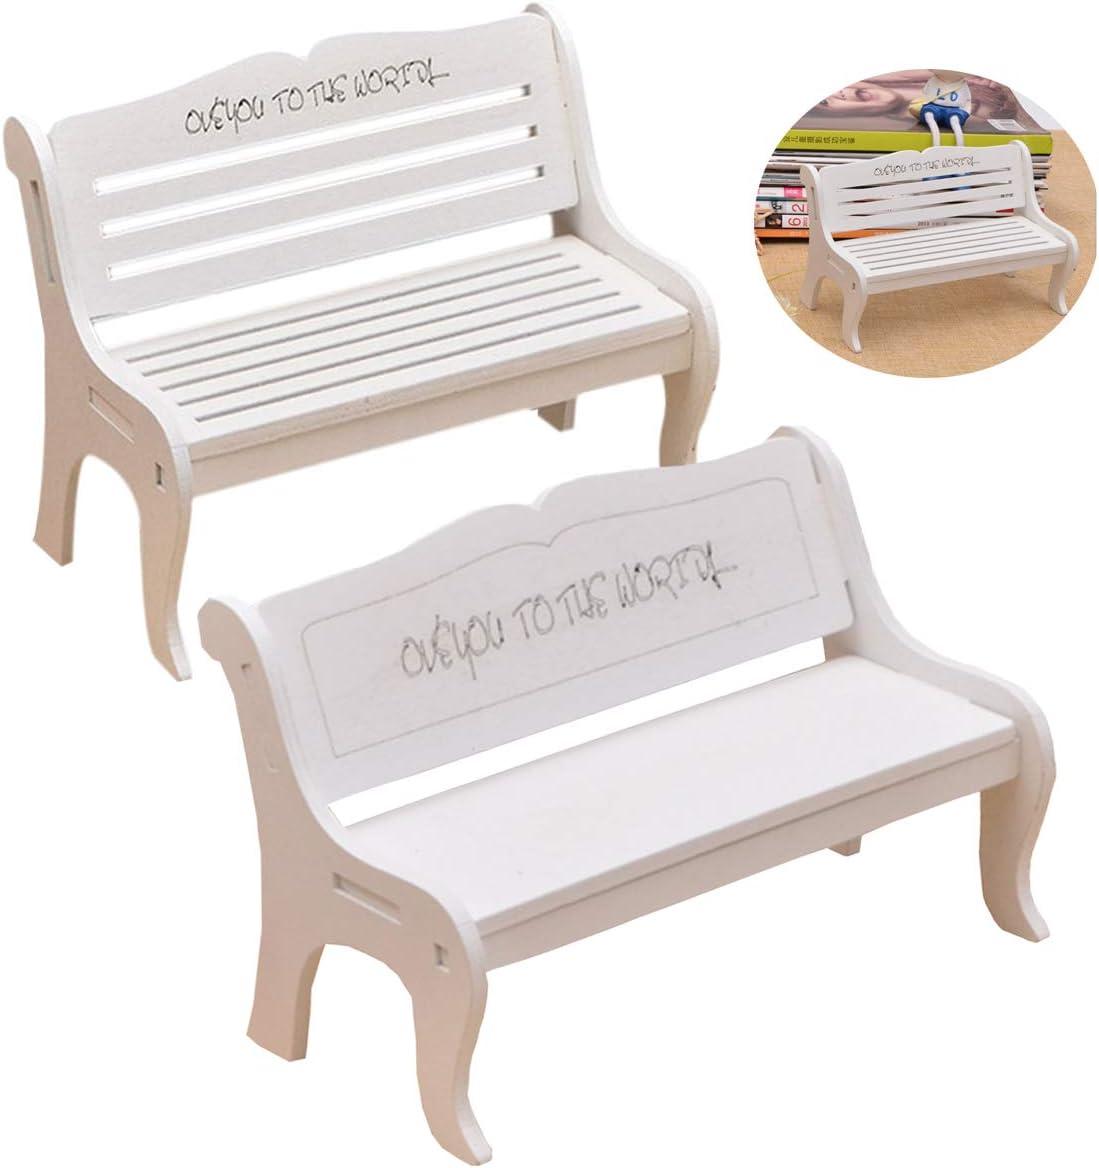 Mode Mini Stuhl Sofa Fee Garten Bank Modell Puppenhaus DekoRSPF